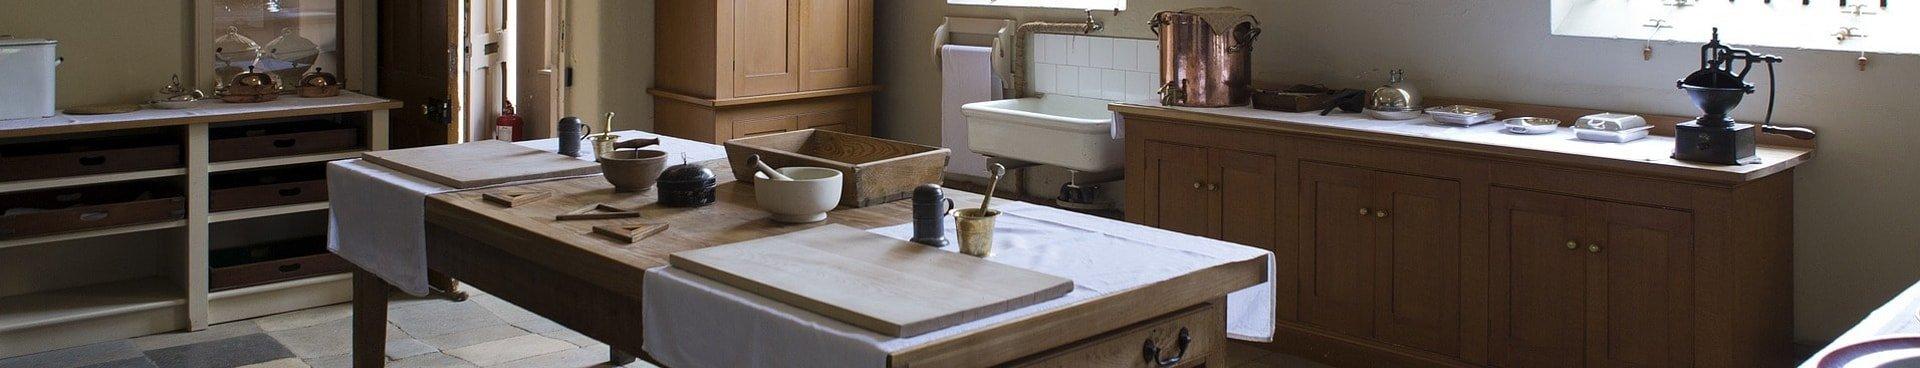 Mesa de cocina clásica - MakroMueble